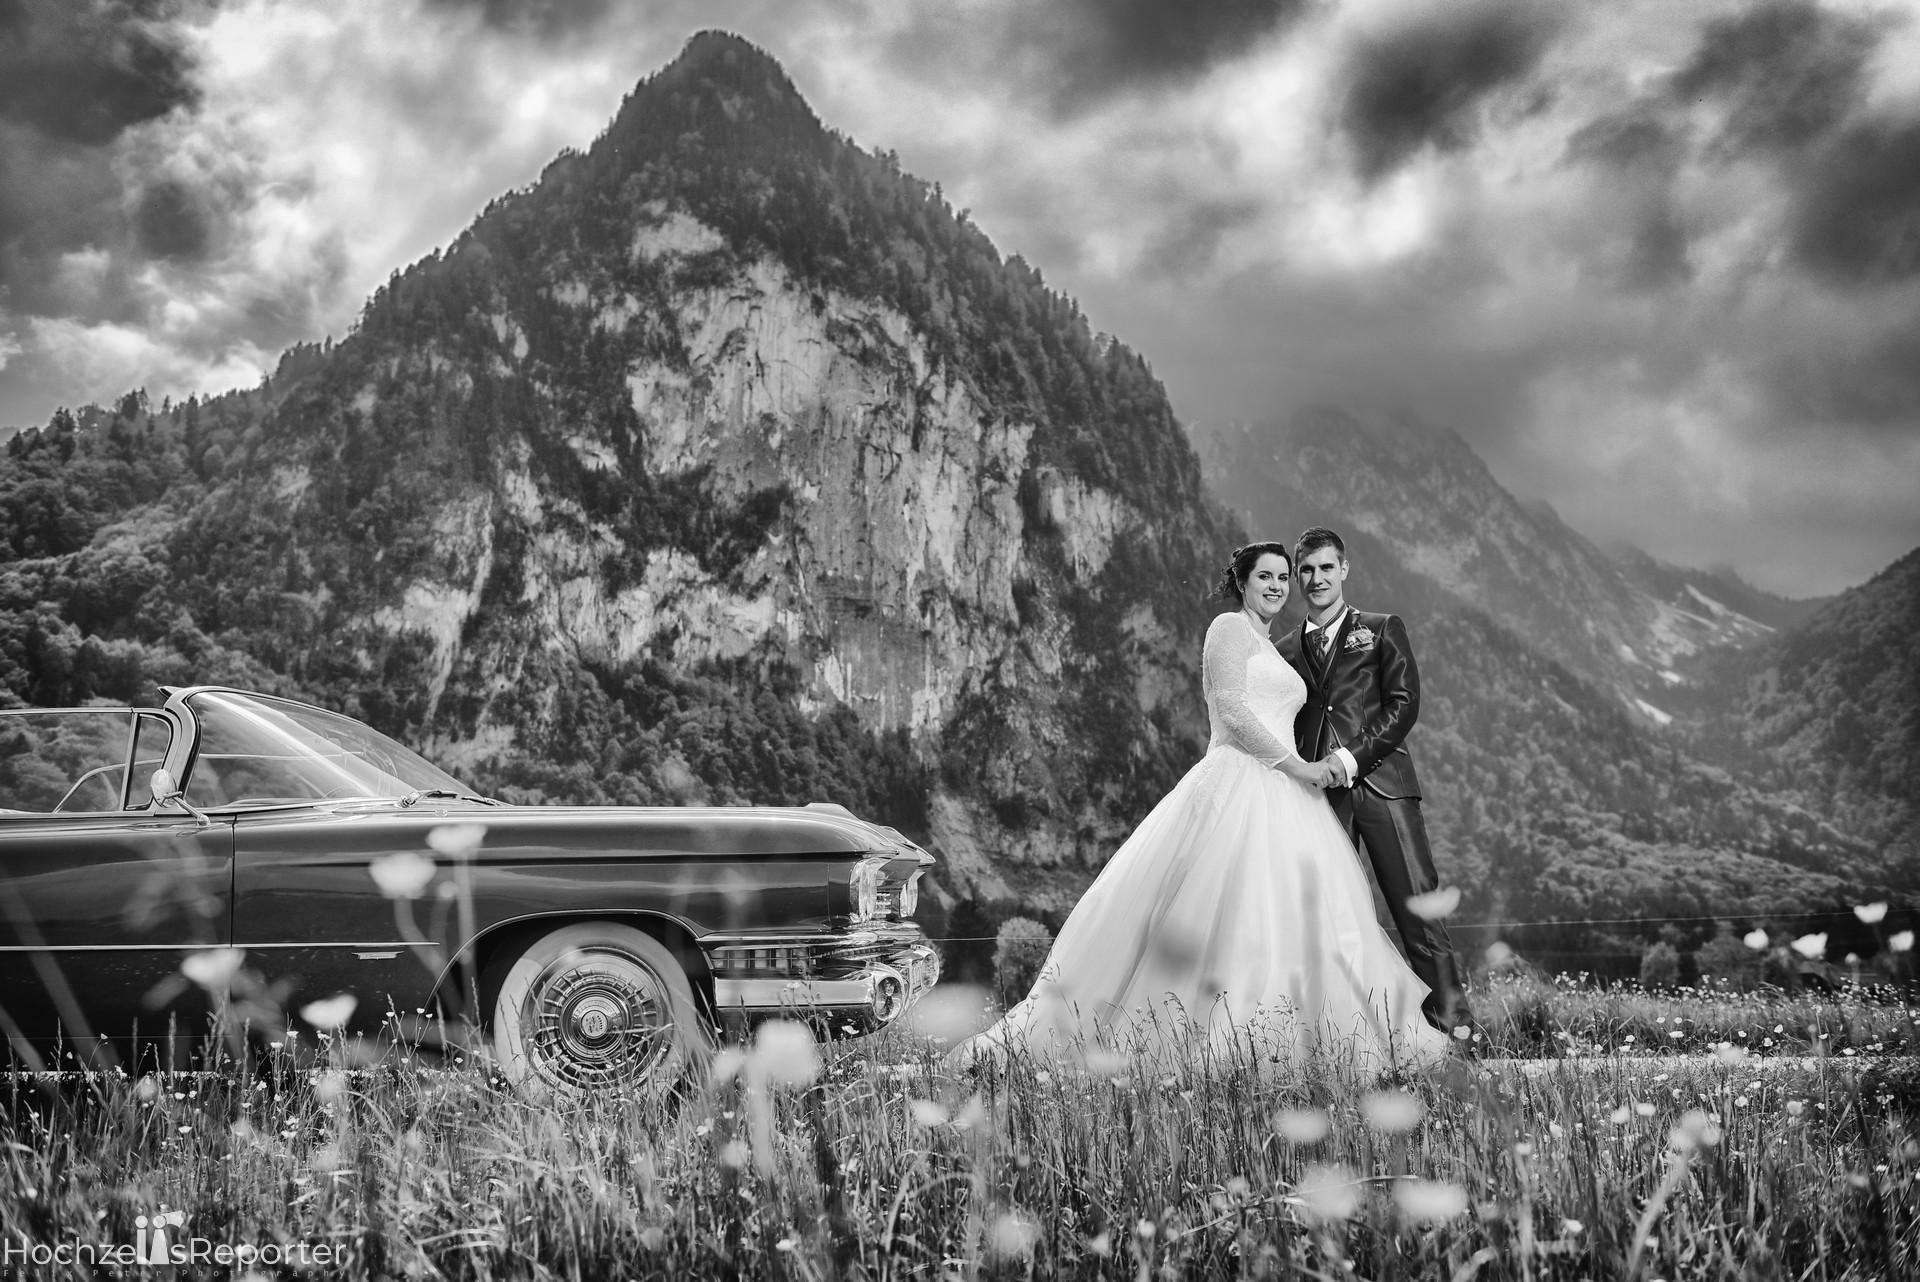 Hochzeitsfotograf_Bern_Thun_087.jpg